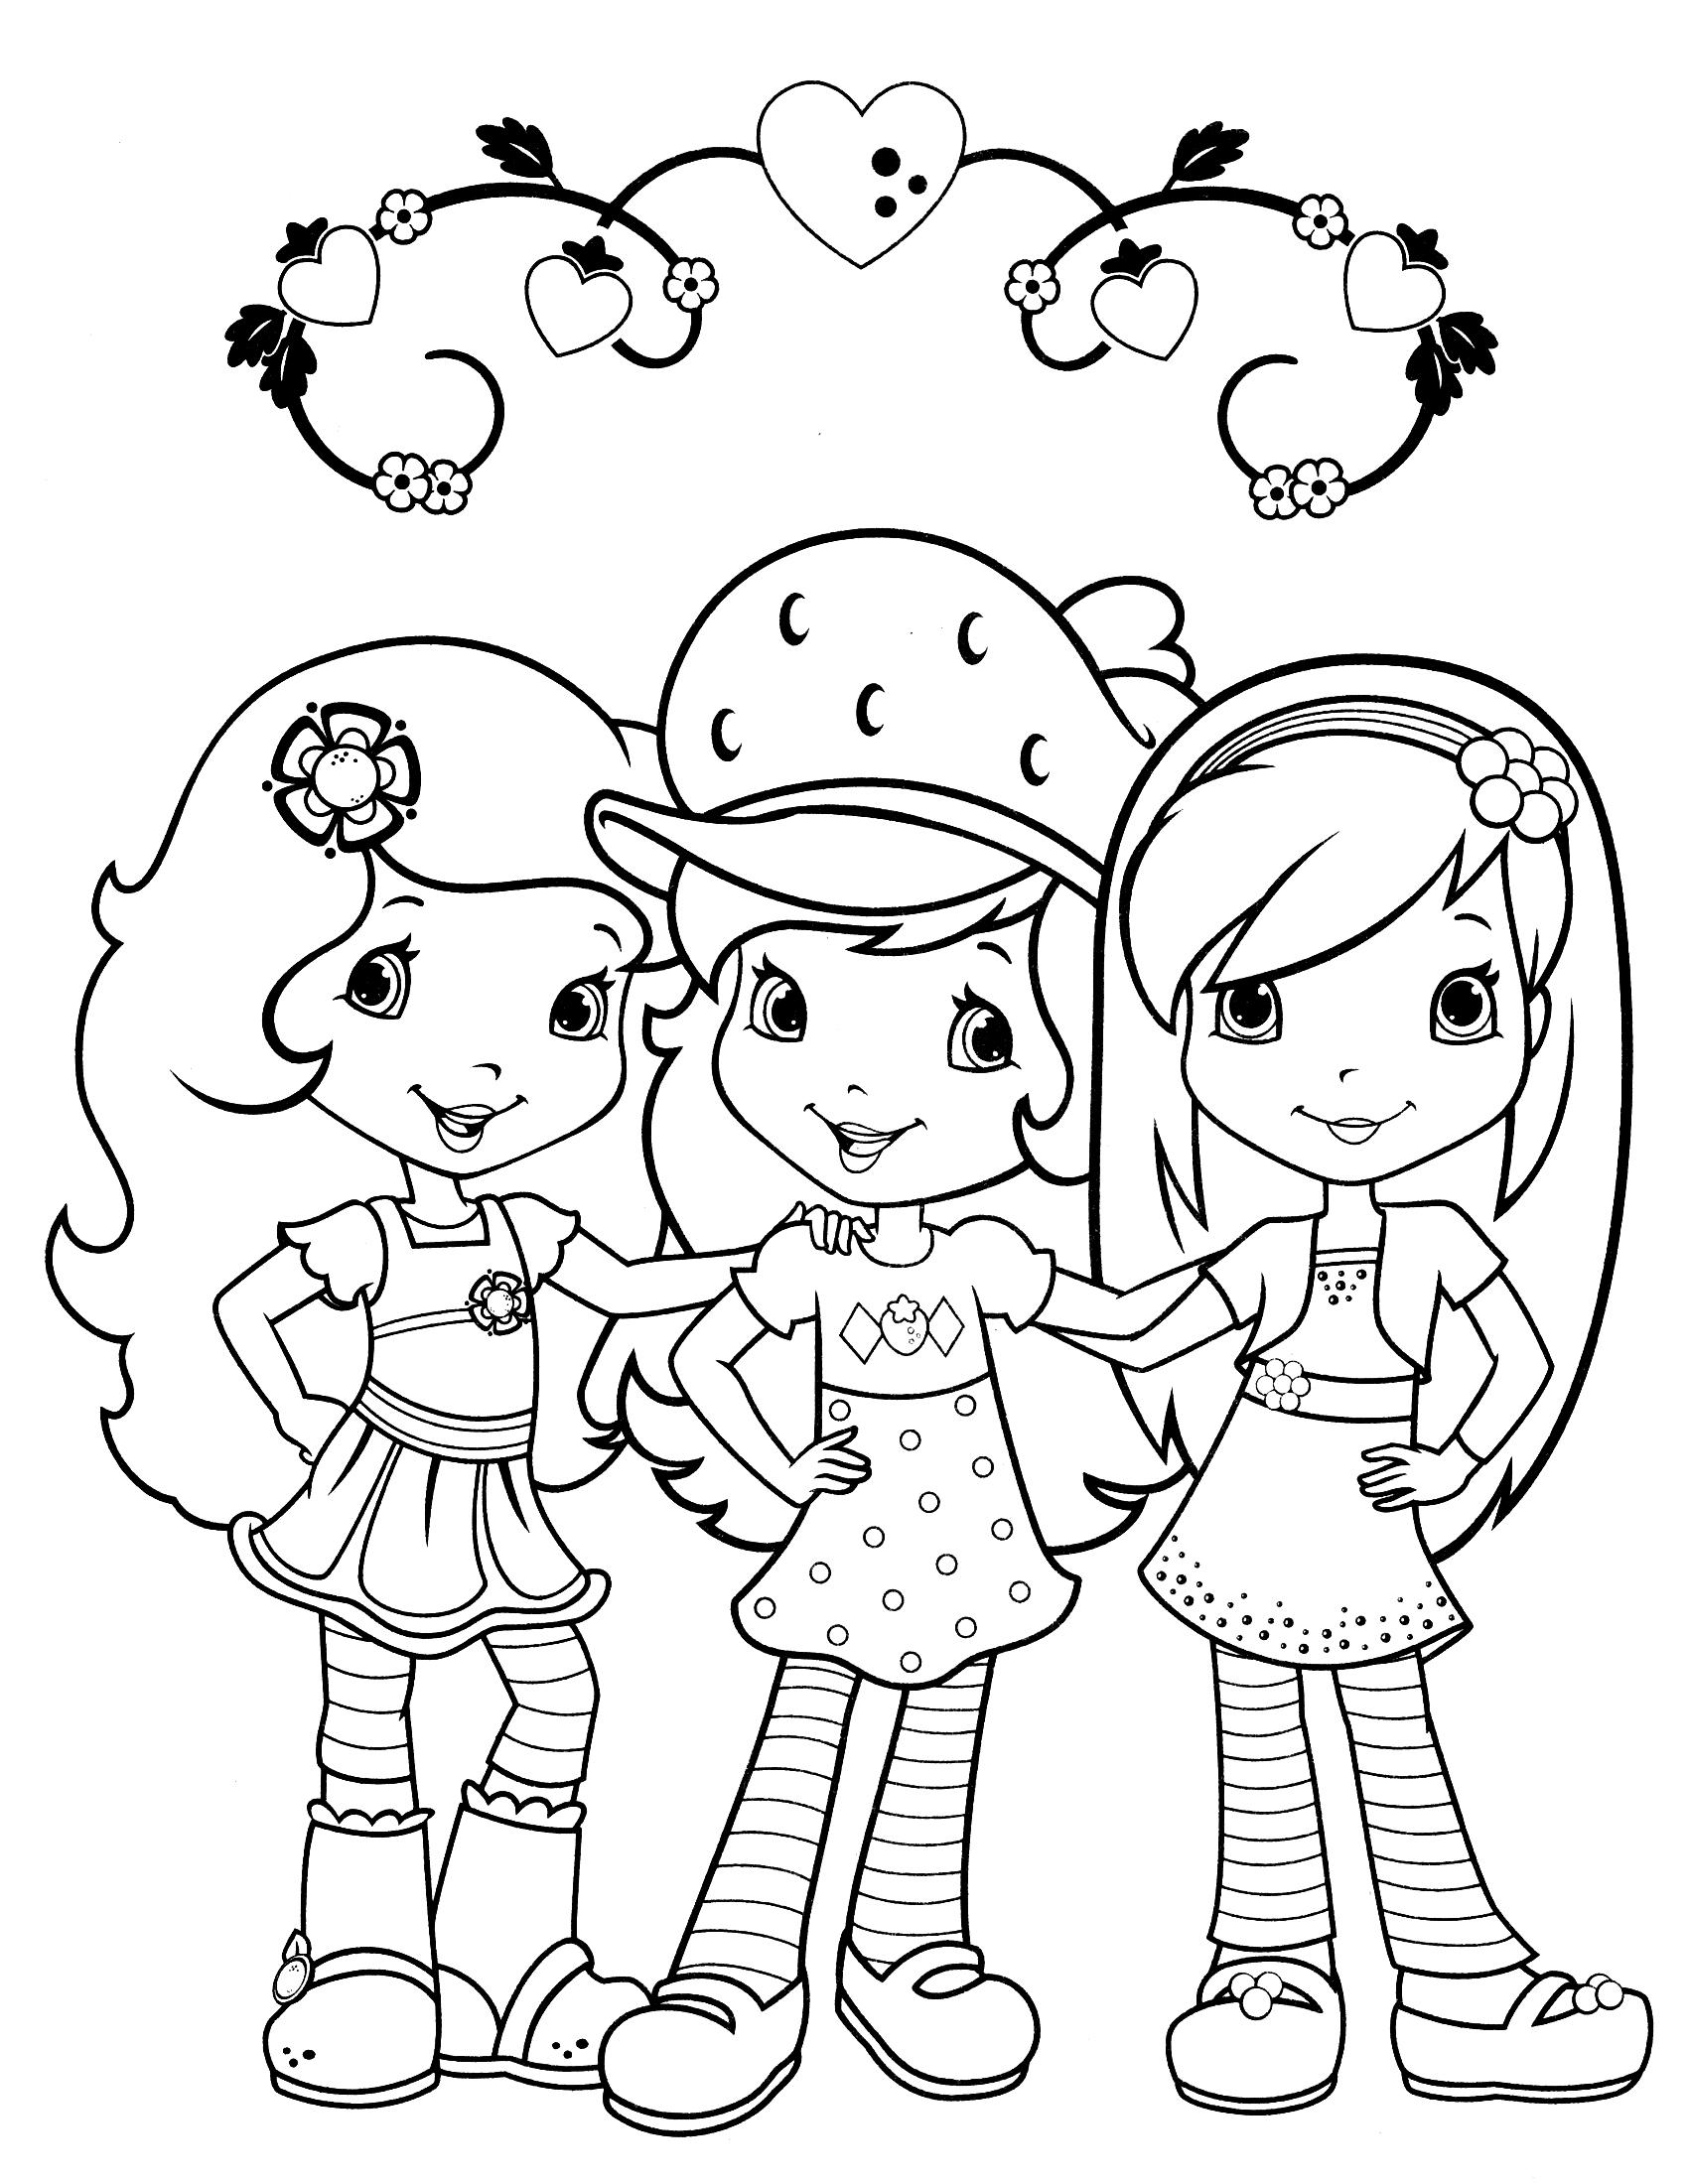 Шарлотта земляничка Раскраски для девочек бесплатно